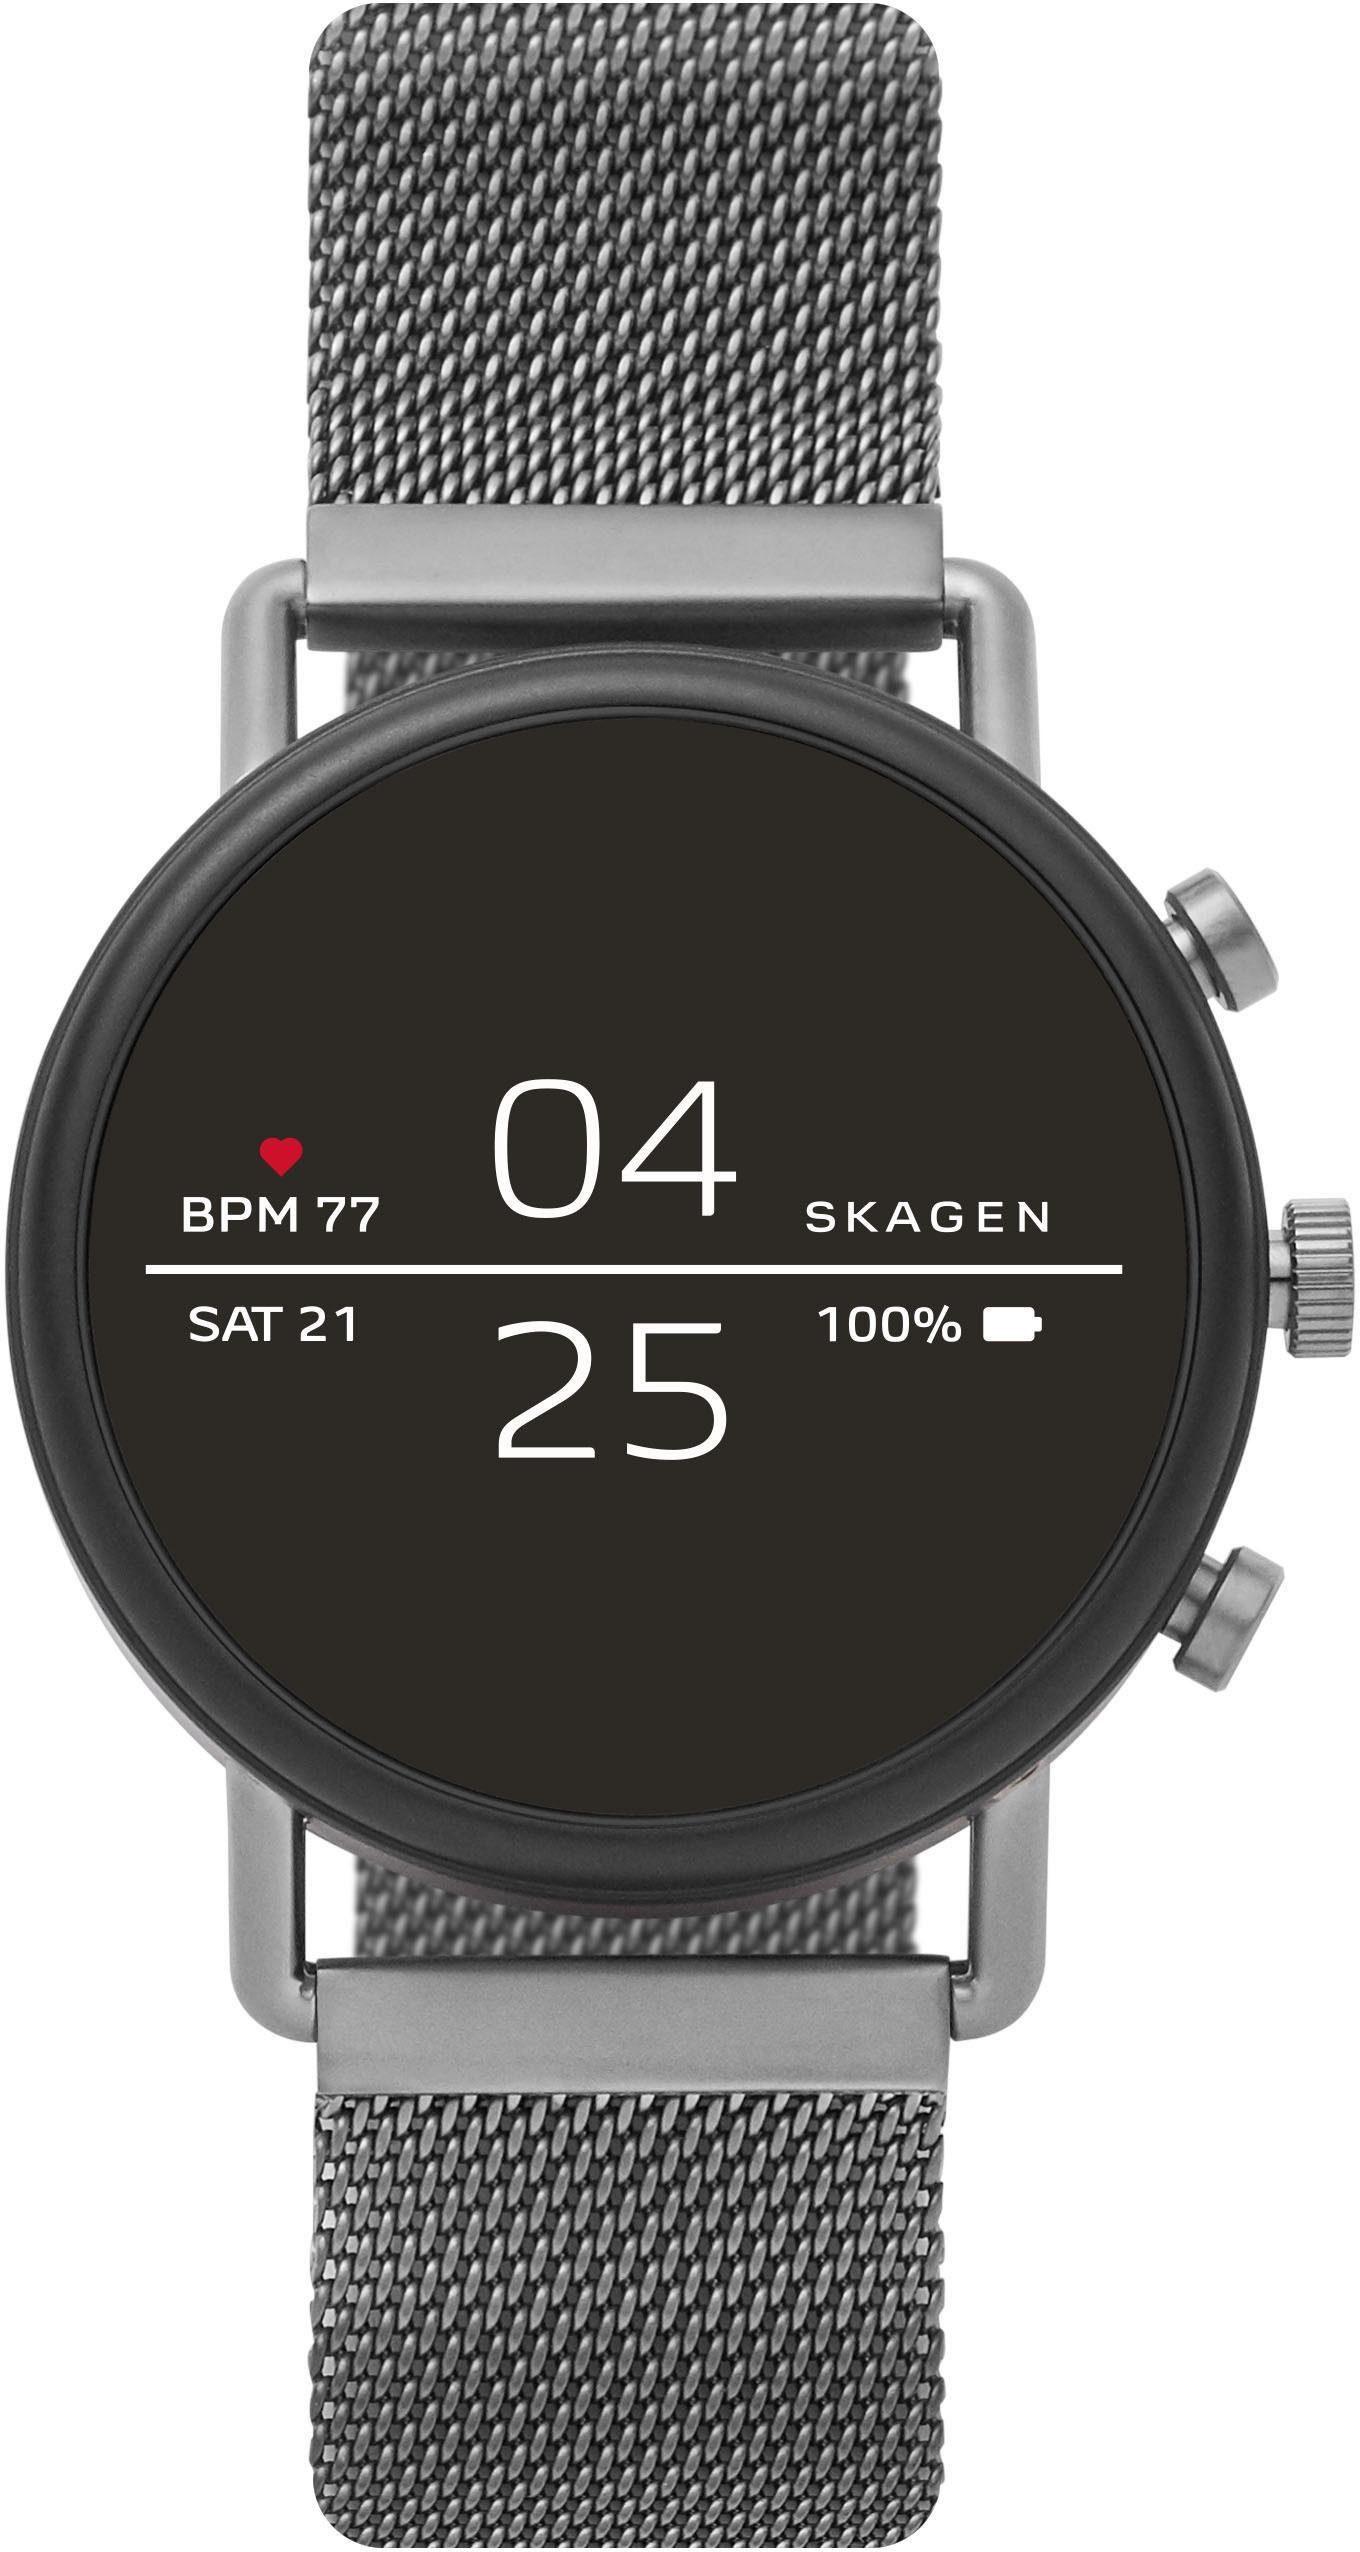 SKAGEN CONNECTED FALSTER, SKT5105 Smartwatch (1,19 Zoll, Wear OS by Google, mit individuell einstellbarem Zifferblatt)